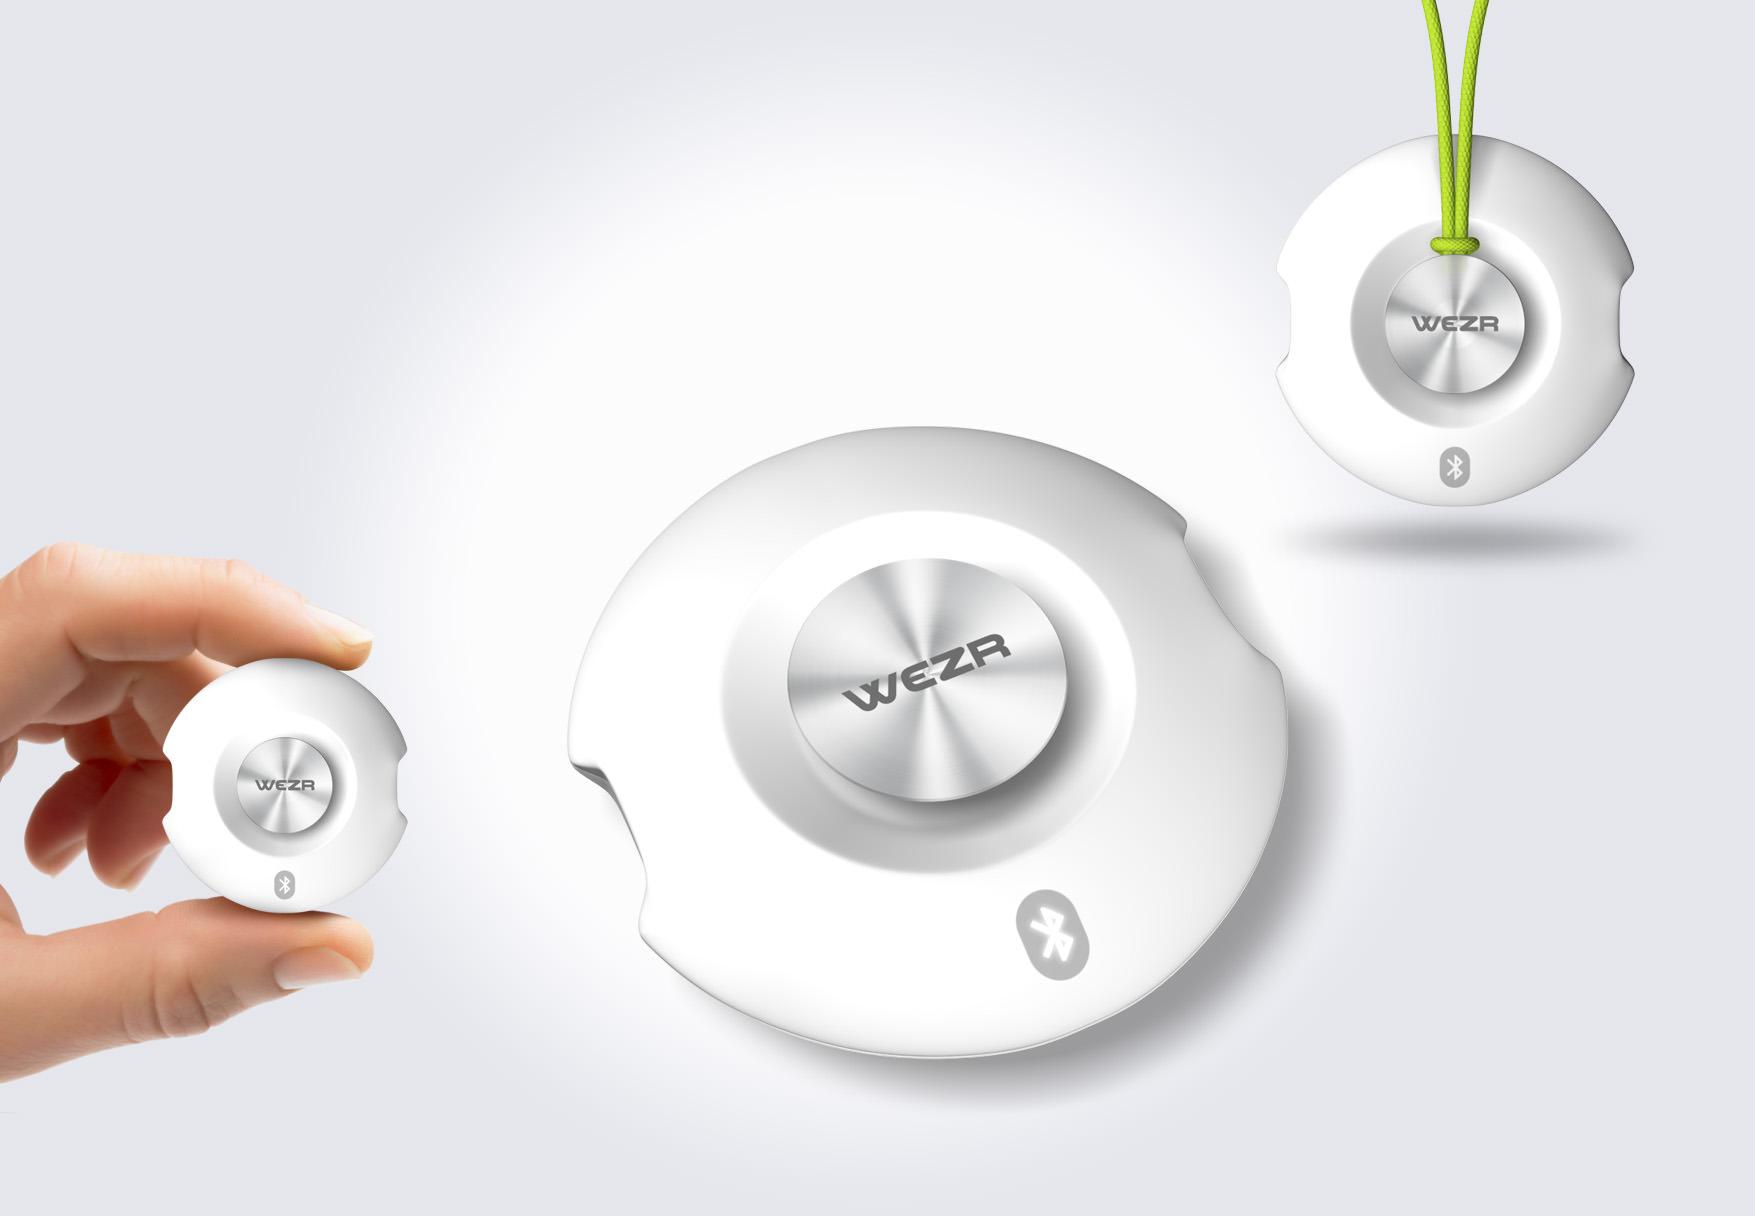 Wezr, la mini station météo connectée